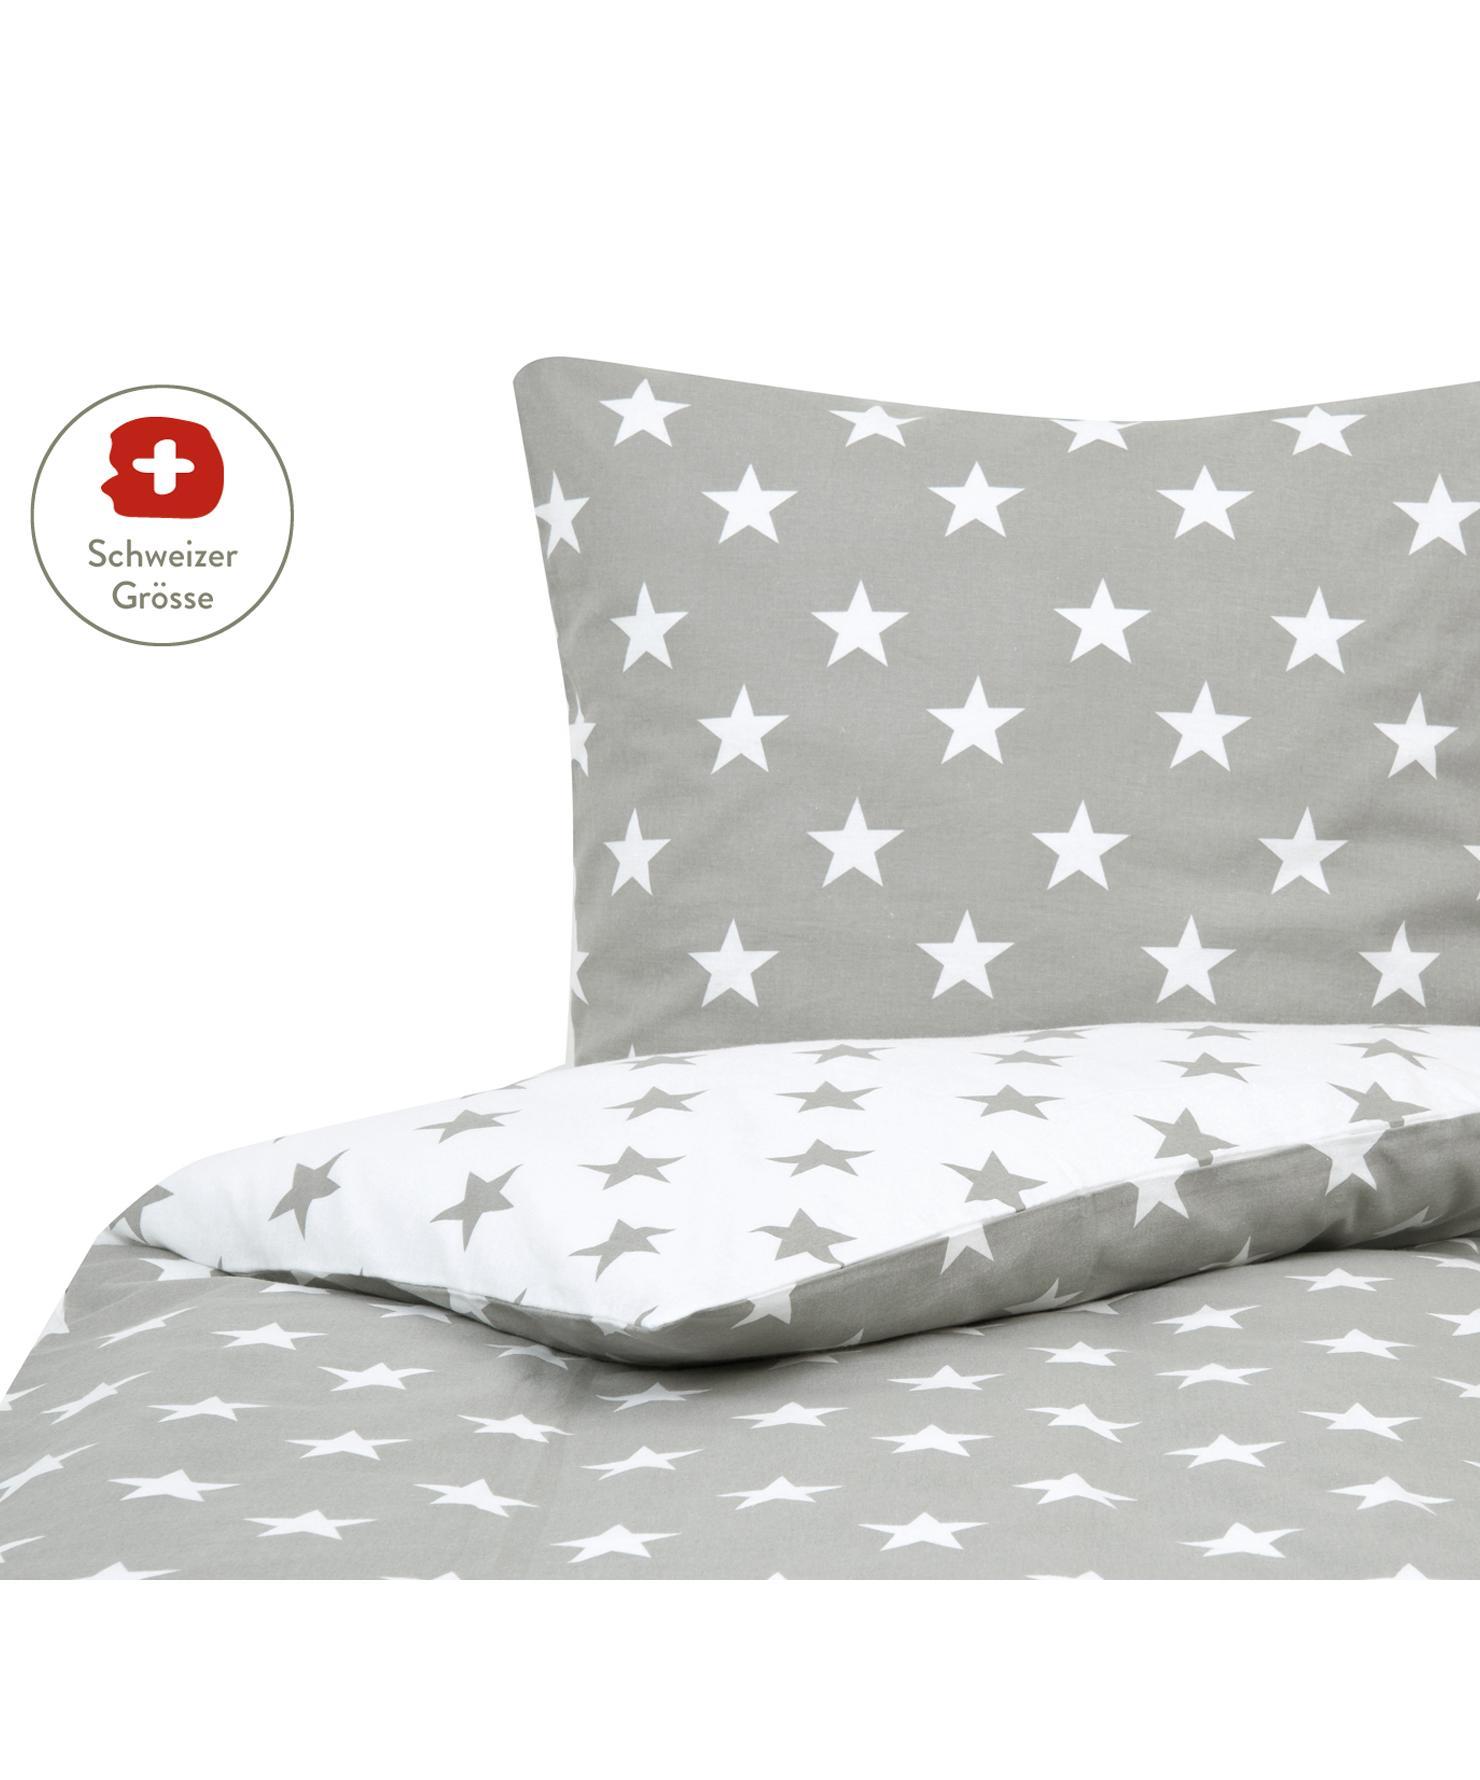 Flanell-Wendebettdeckenbezug Alice mit Sternen, Webart: Flanell, Grau, Weiss, 200 x 210 cm